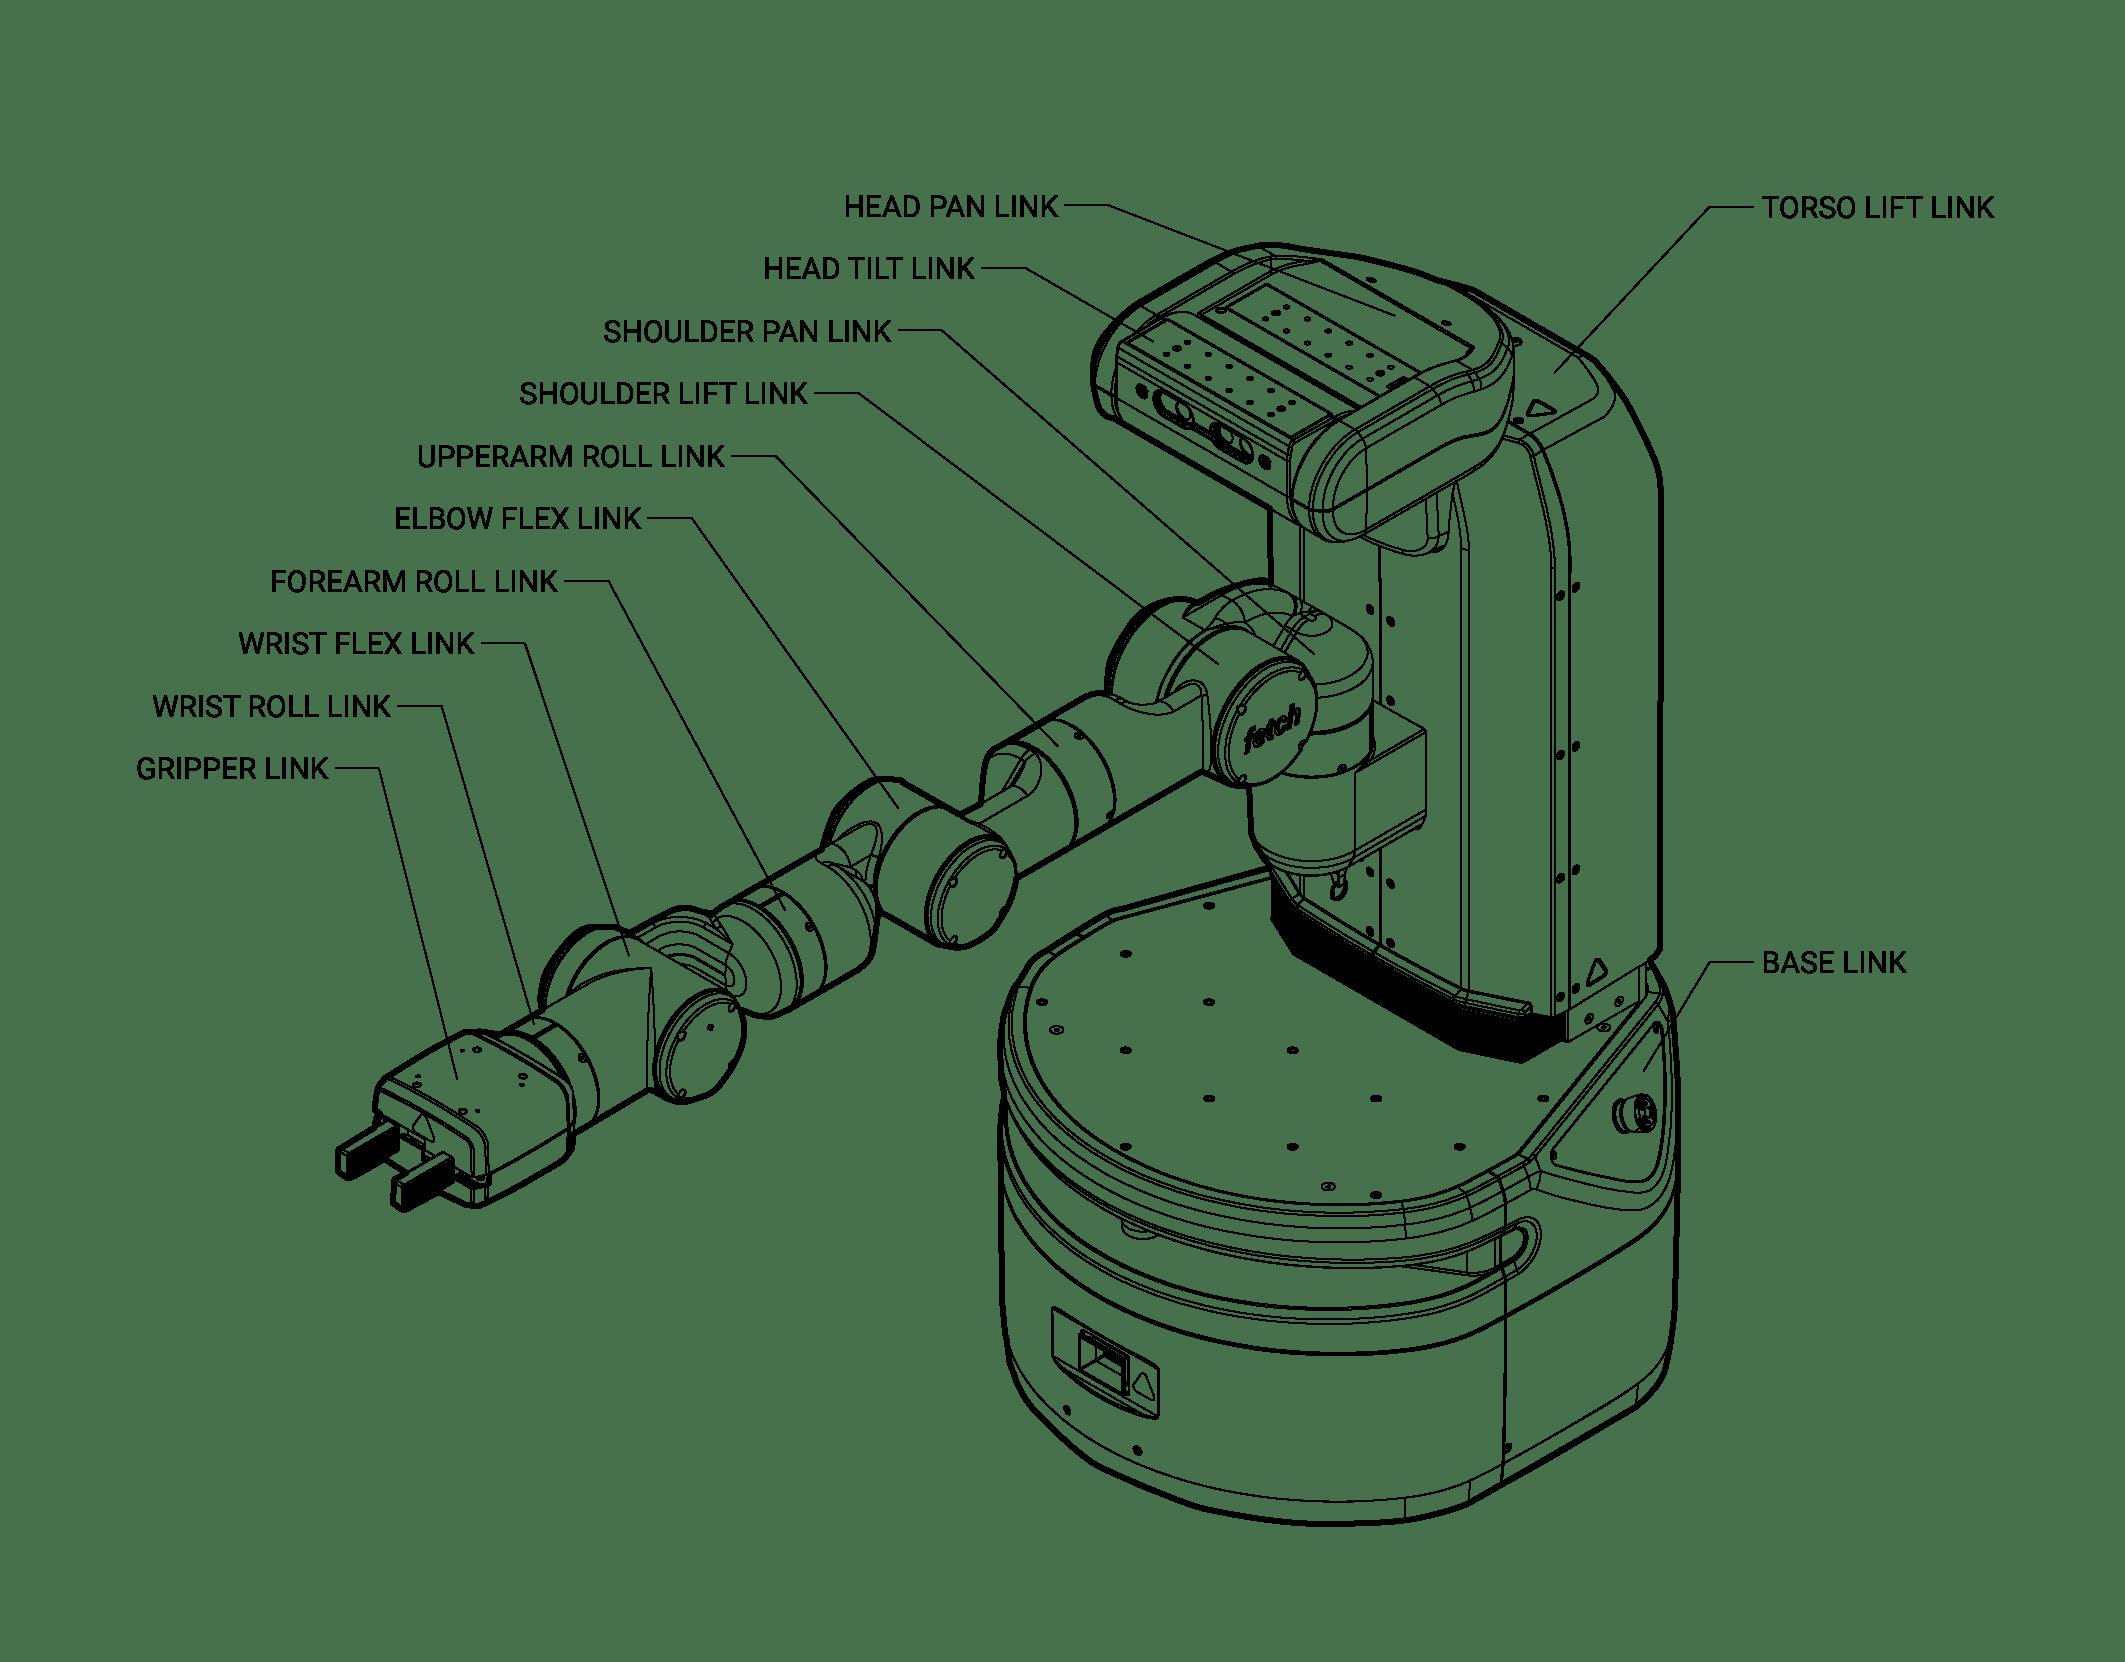 Robot Axi Diagram